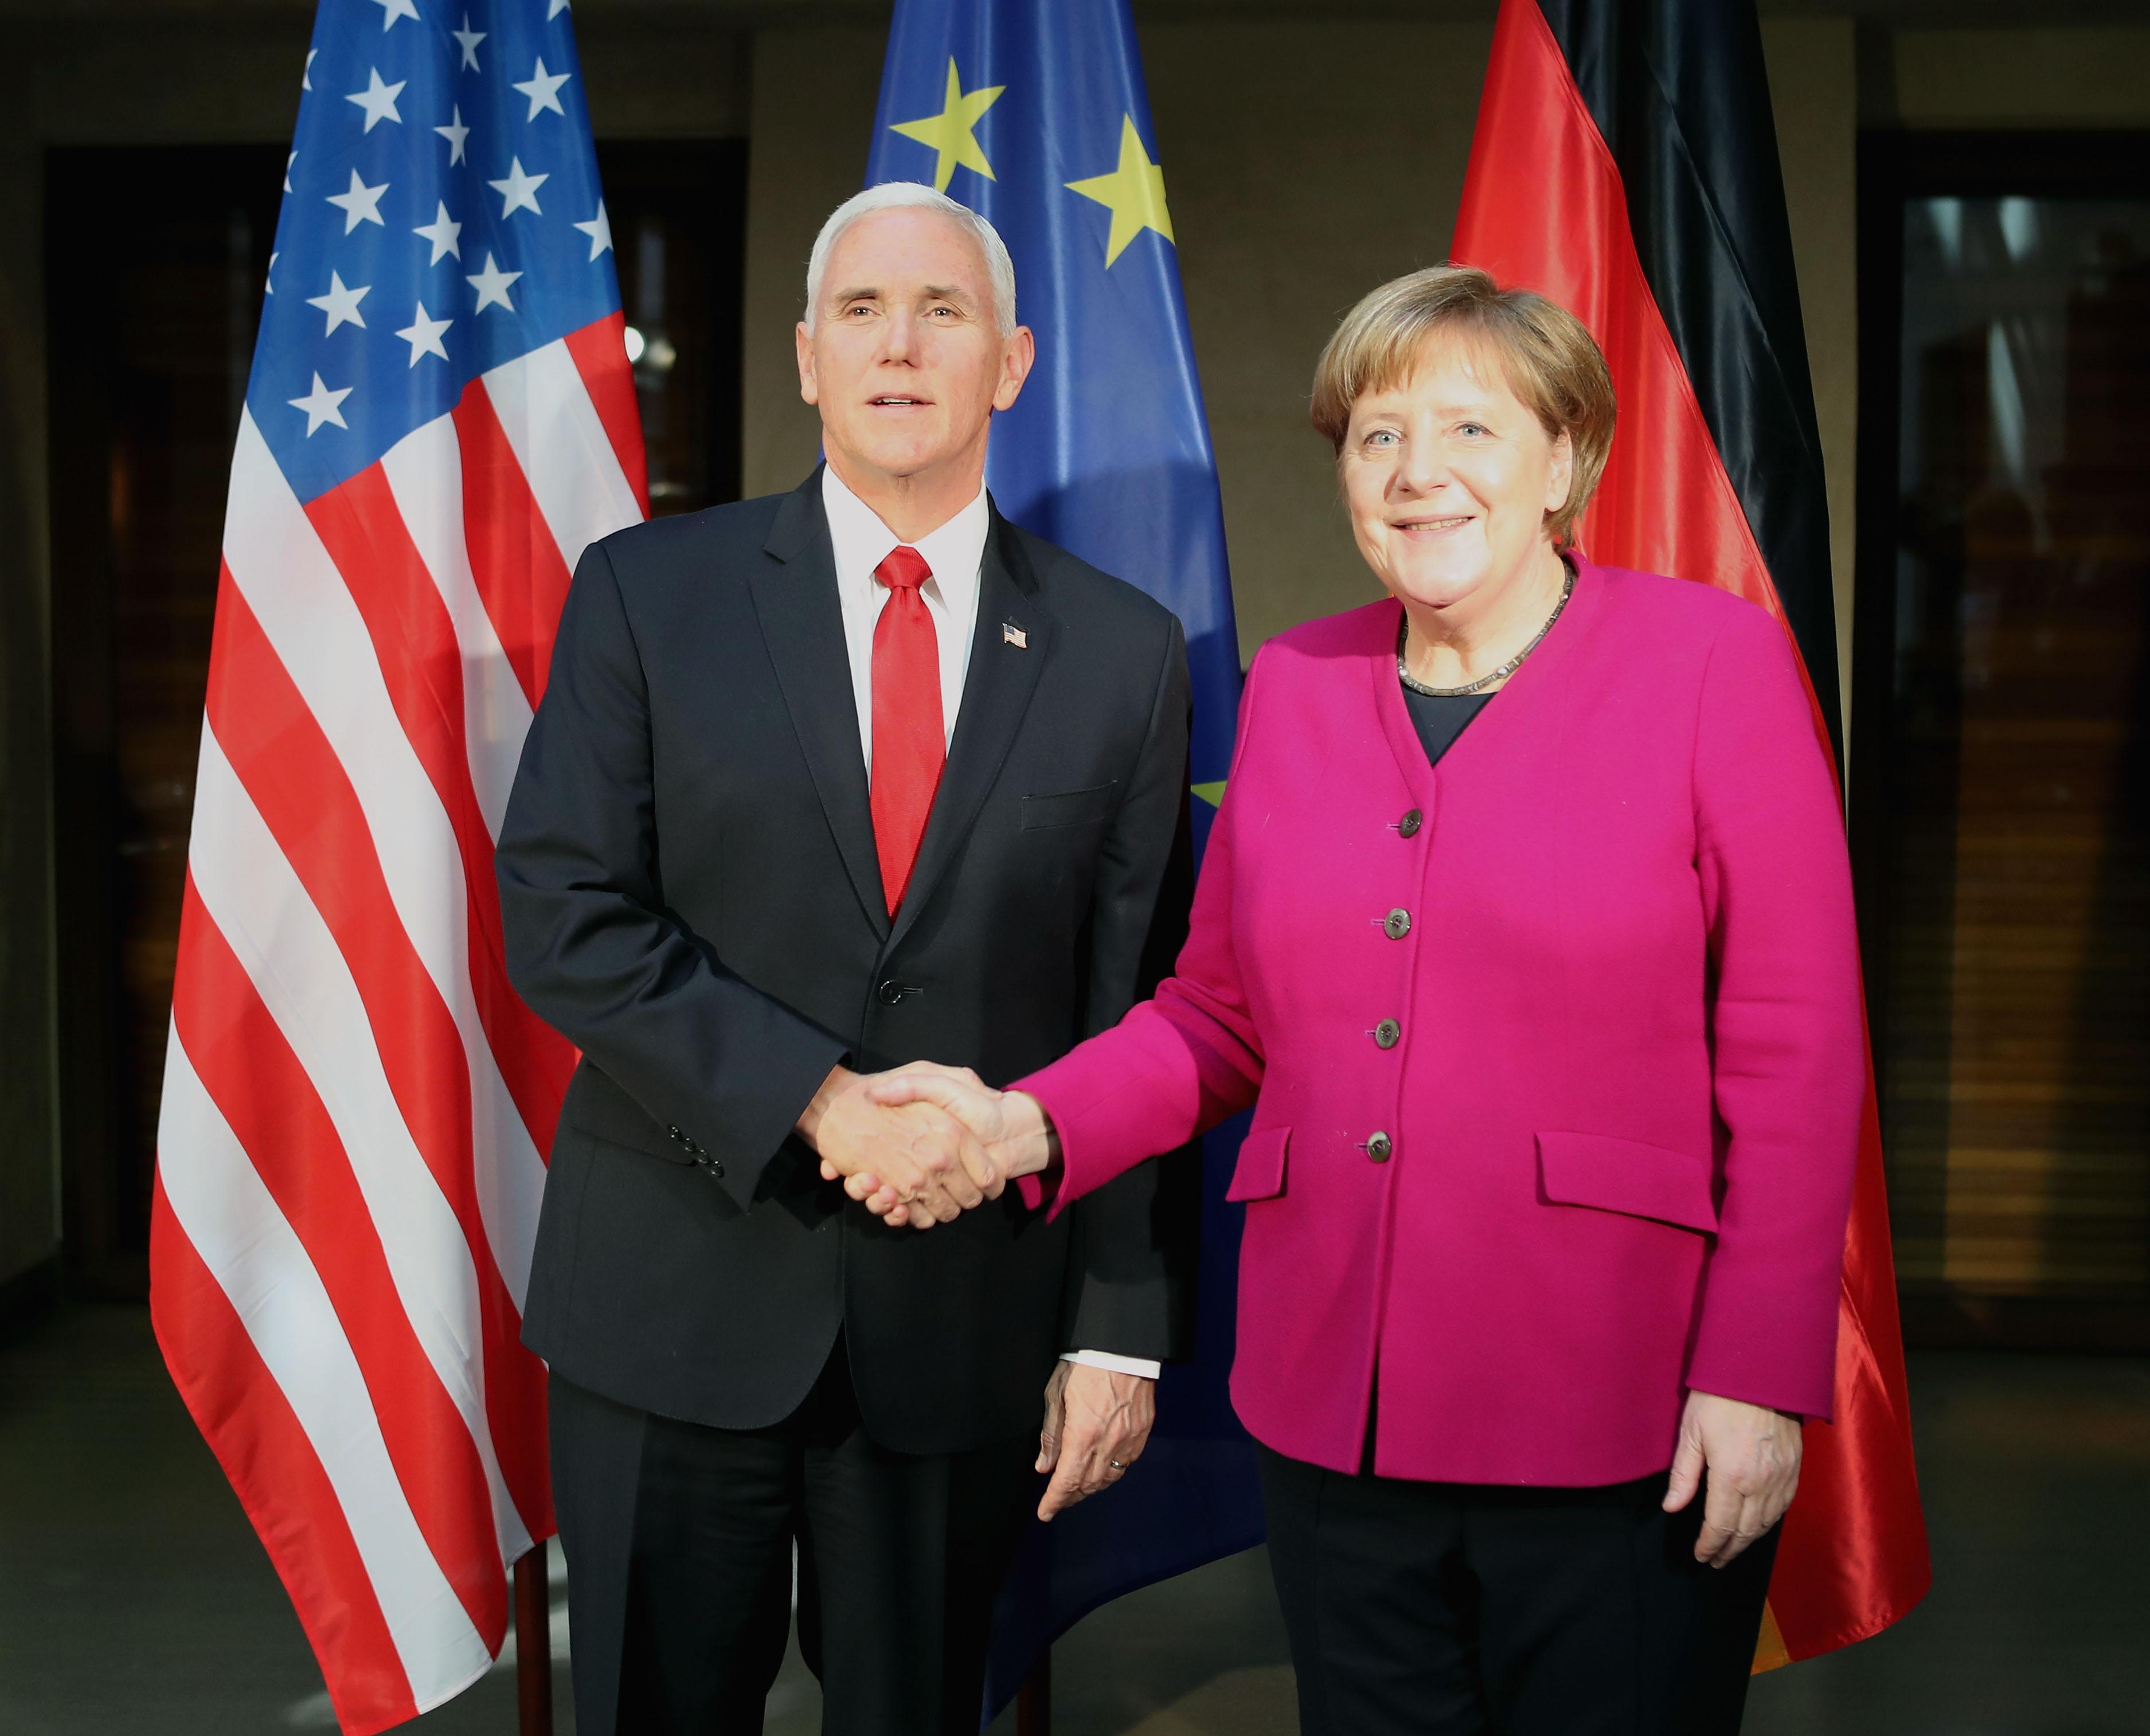 圖為慕尼黑安全會議上美國副總統彭斯和德國總理默克爾。(Alexandra Beier/Getty Images)